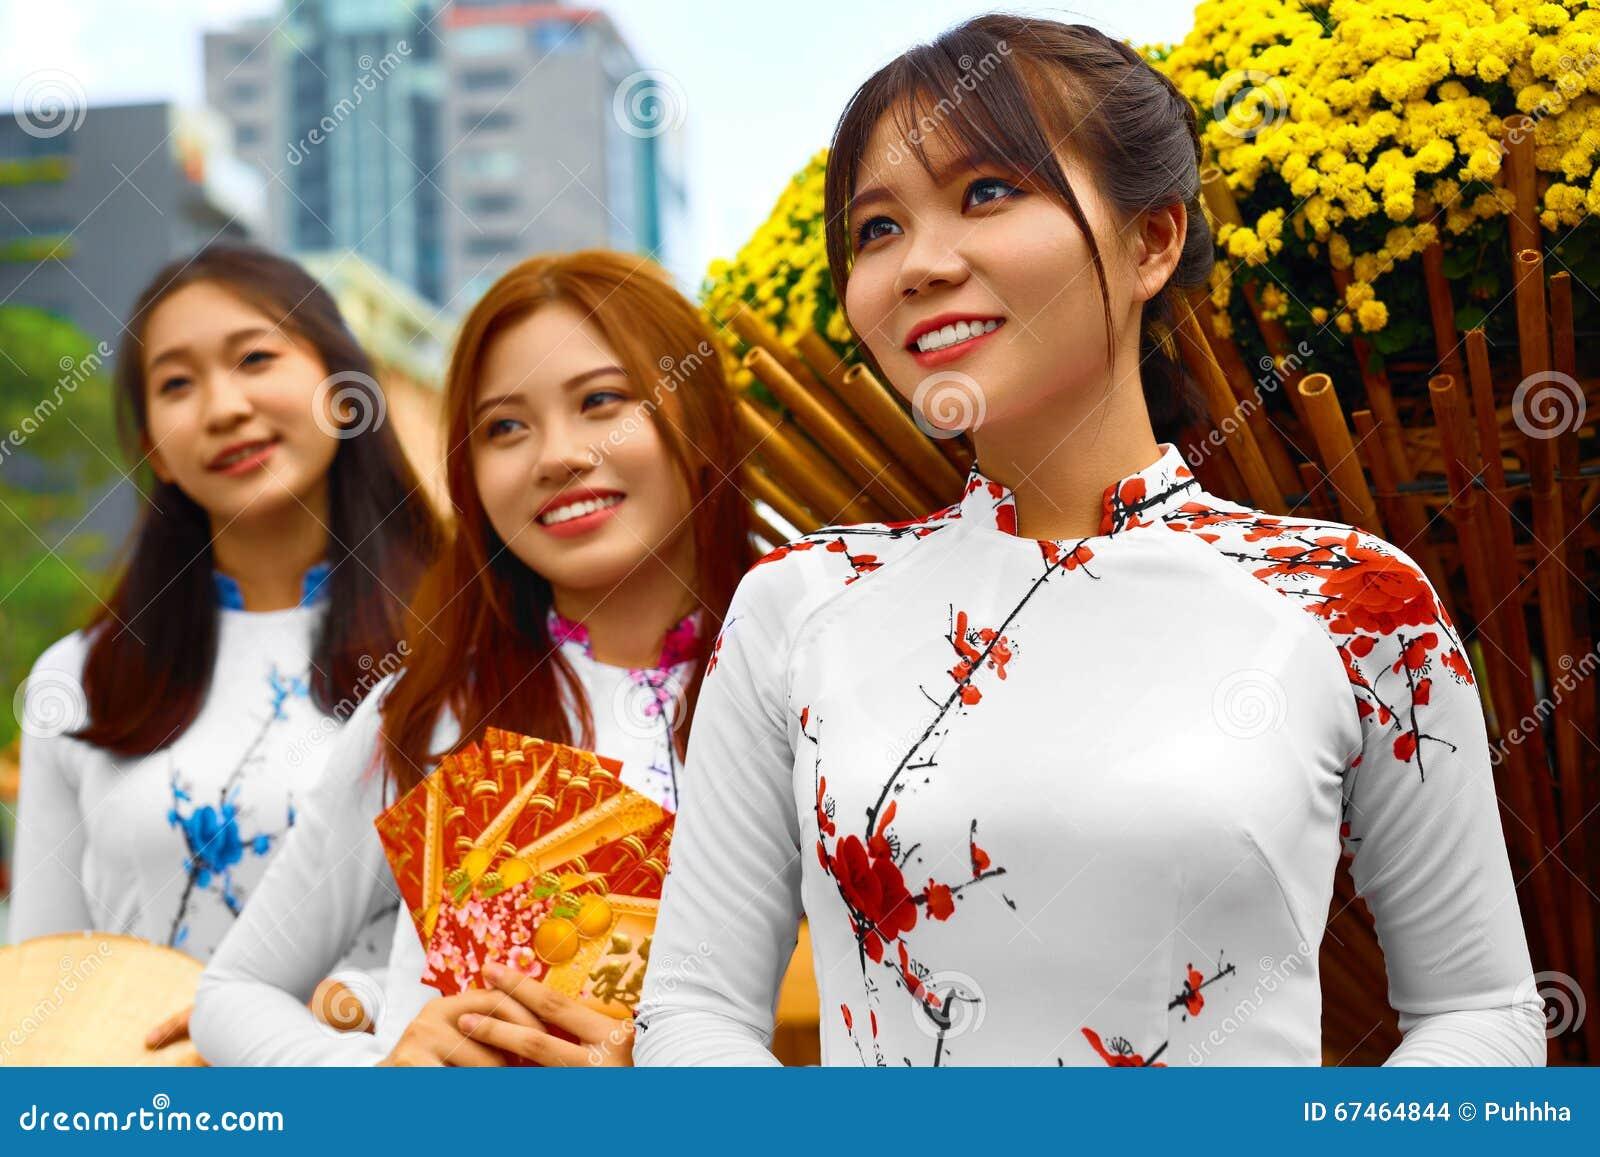 Indien: Frauen in Indien - Asien - Kultur - Planet Wissen